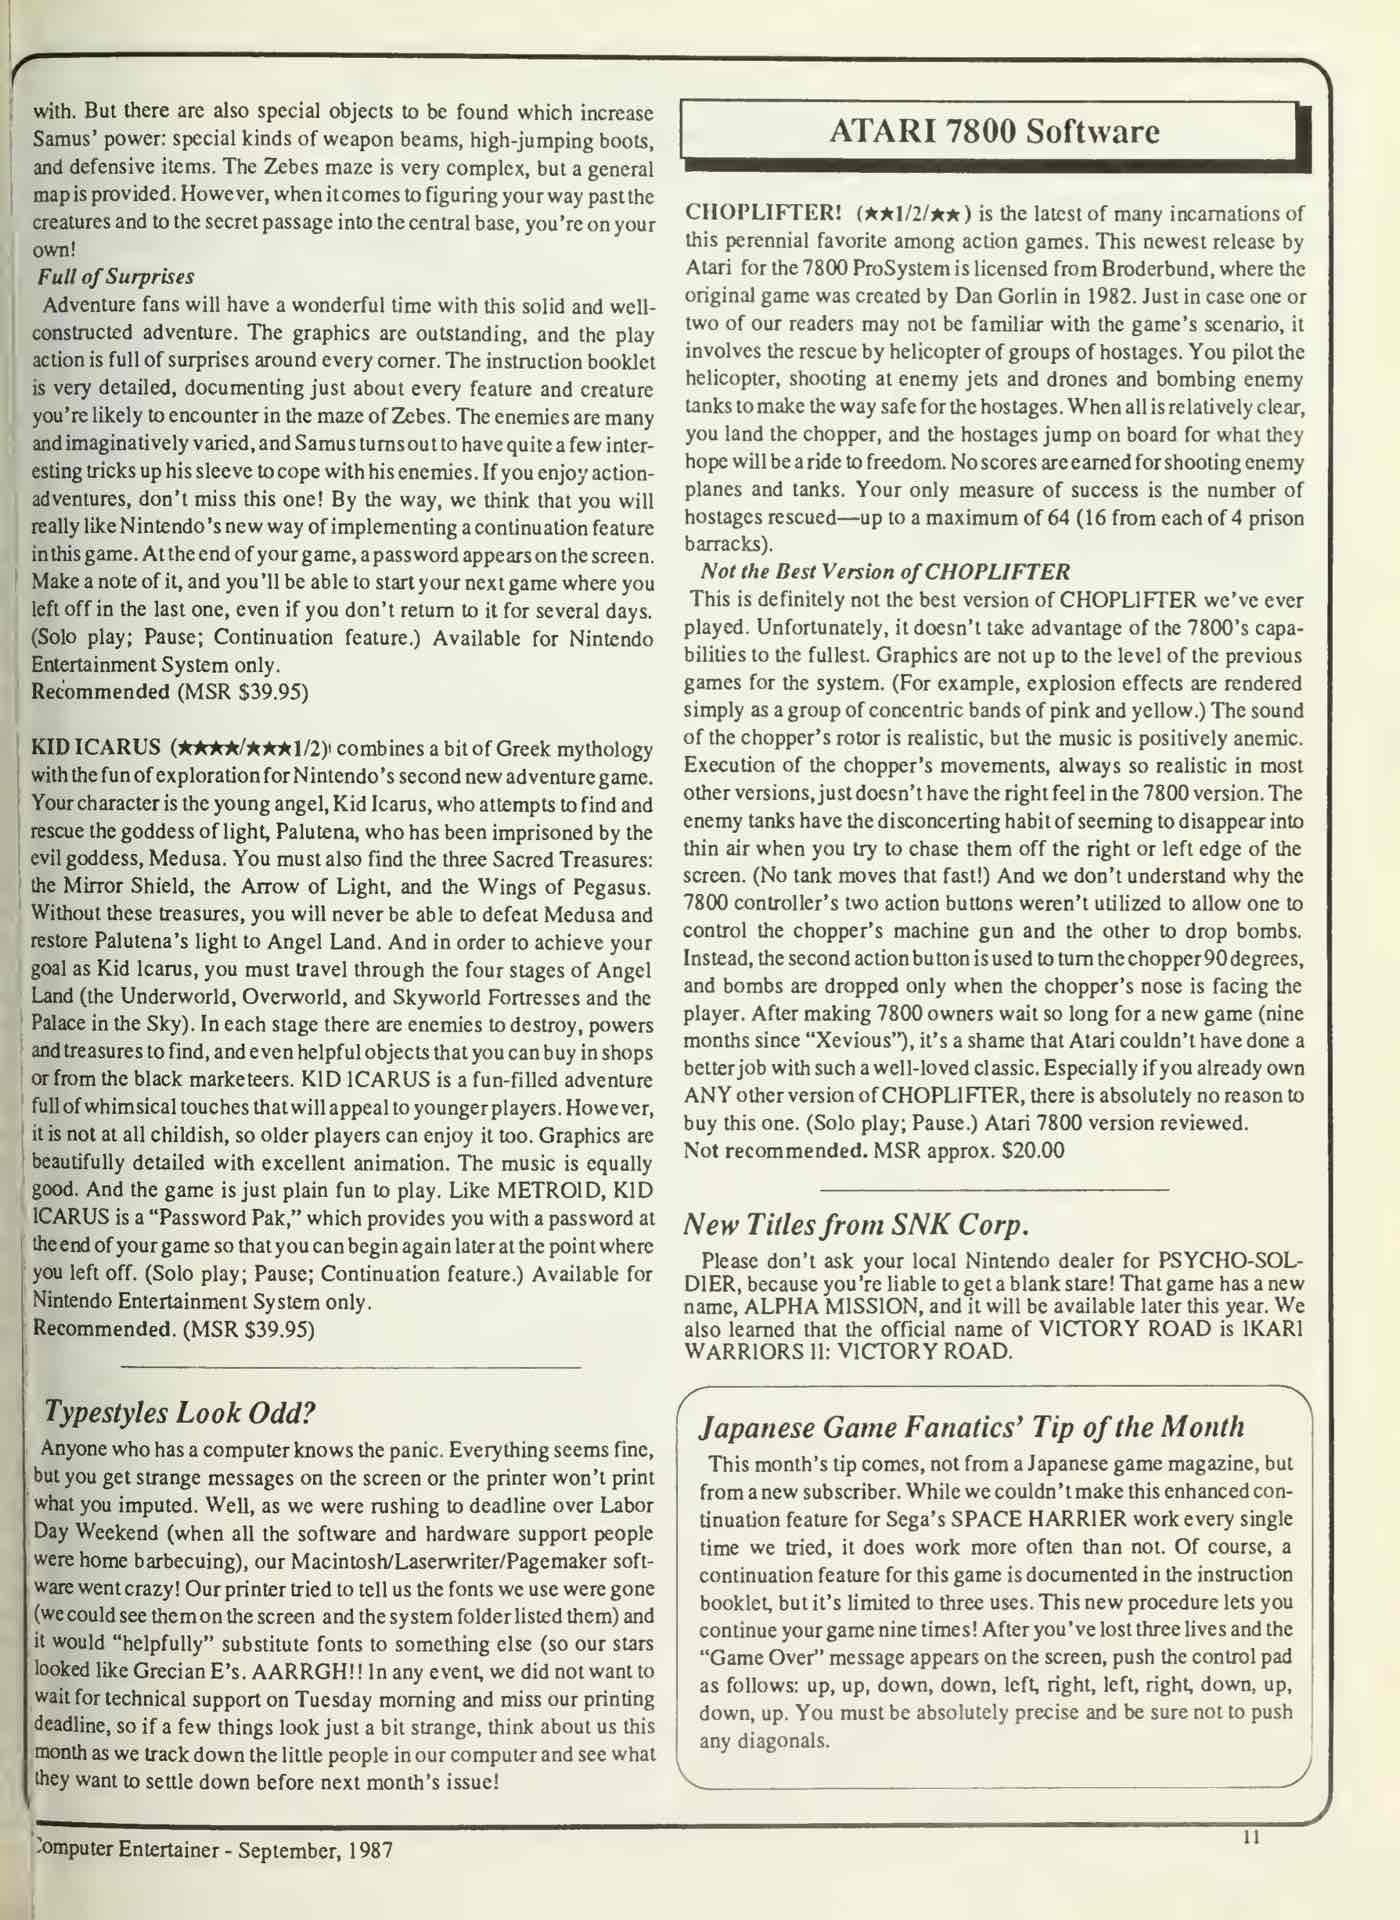 Computer Entertainer - September 1987 - Pg 11